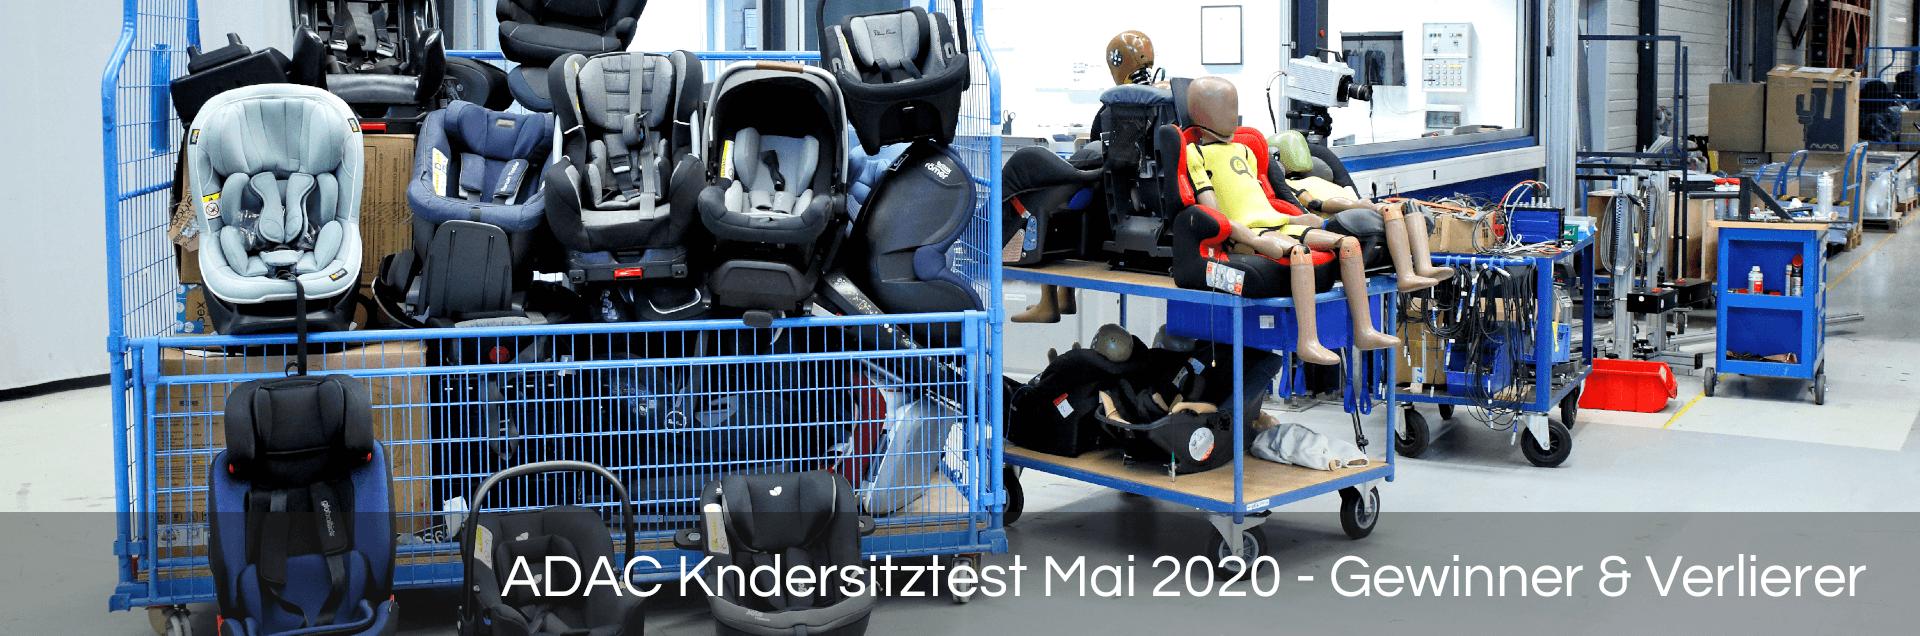 adac-kindersitztest-mai-2020-gewinner-&-verlierer